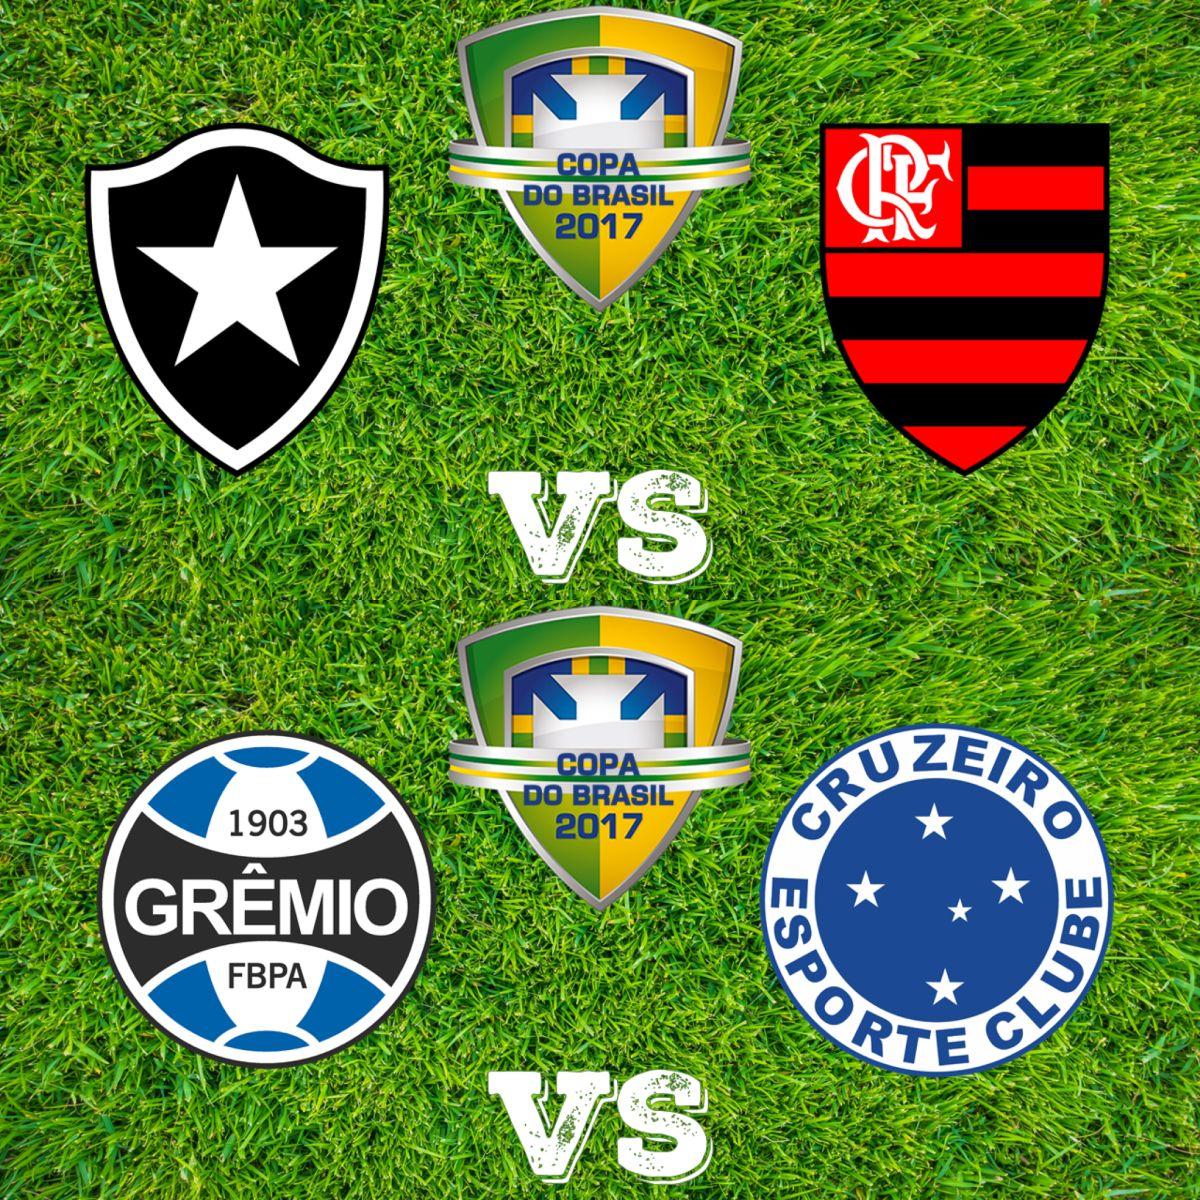 Pos Jogos Das Semifinais Da Copa Do Brasil 2017 Copa Do Brasil 2017 Copa Brasil Copa